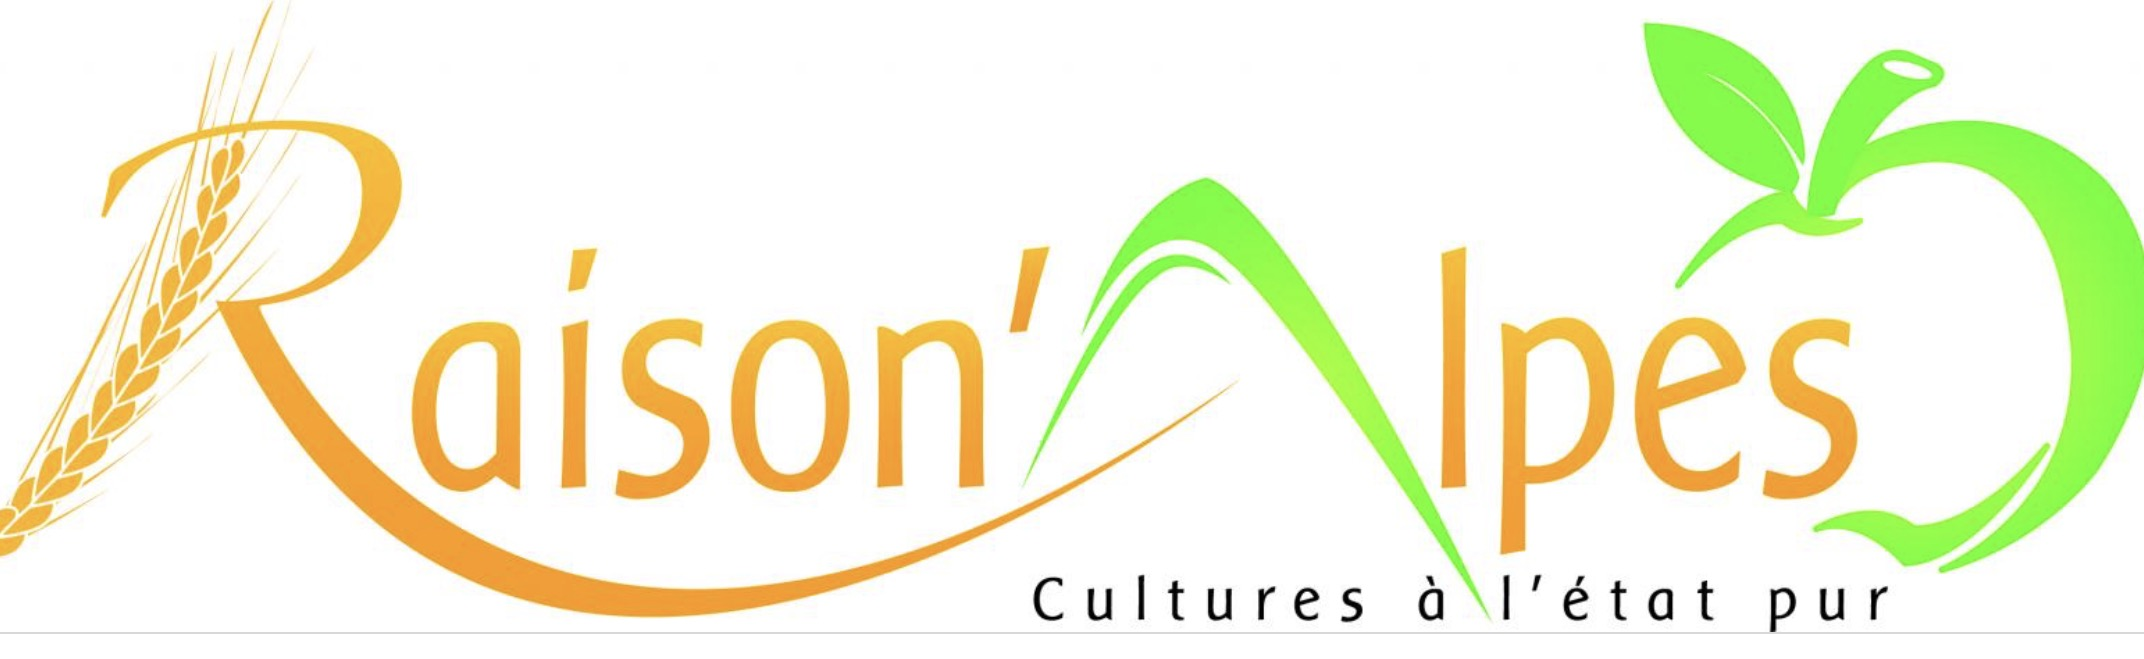 logo Raison'Alpes Cultures à l'état pur